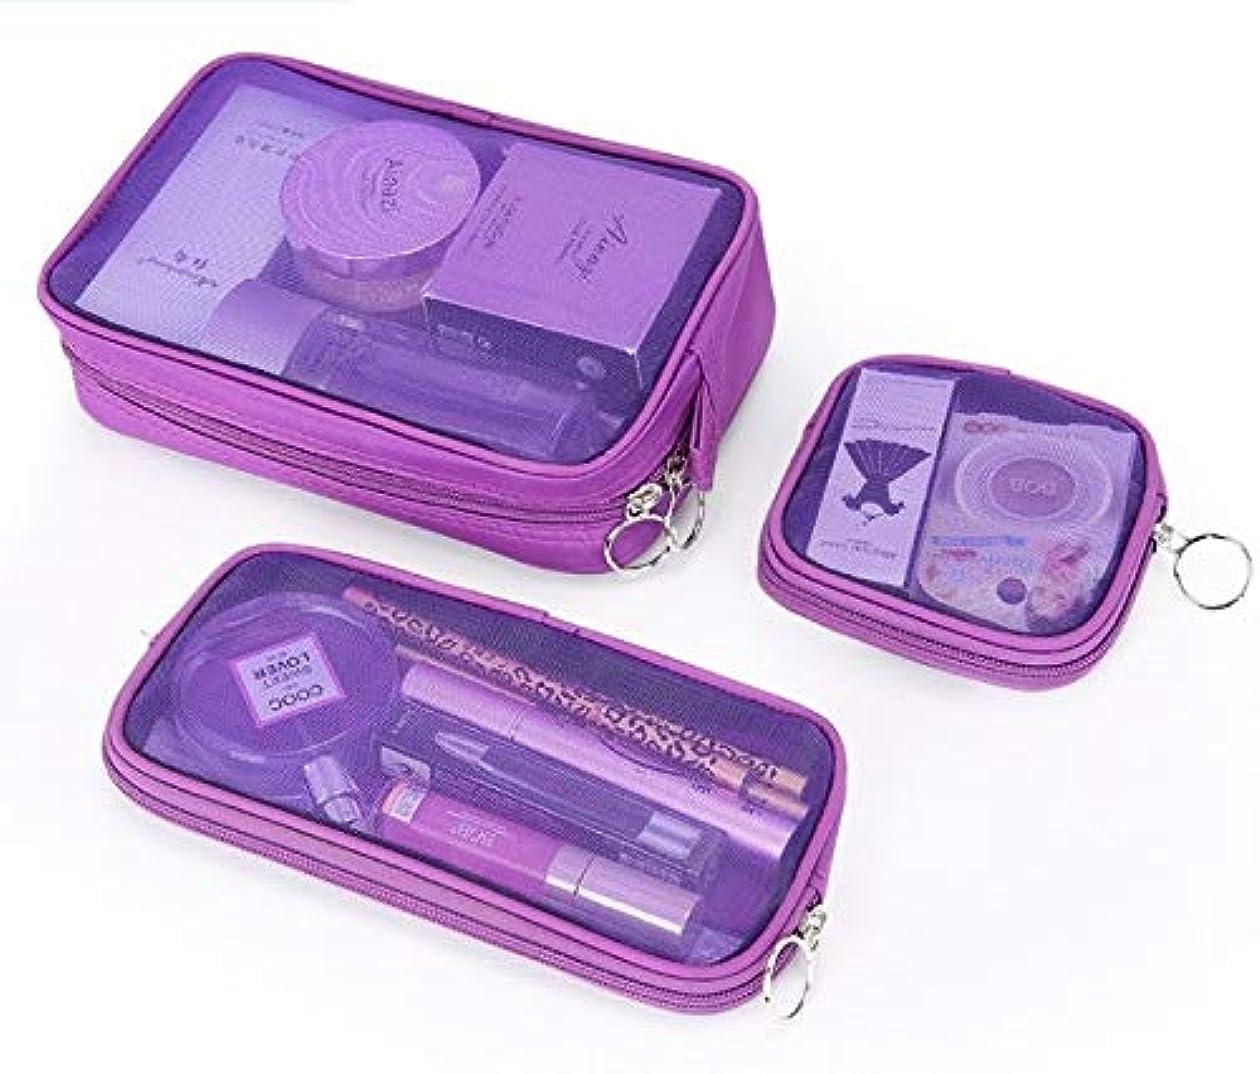 時制ウイルス国旗化粧箱、3の透明メッシュ化粧品袋セット、ポータブル旅行化粧品袋収納袋、美容ネイルジュエリー収納ボックス (Color : Purple)